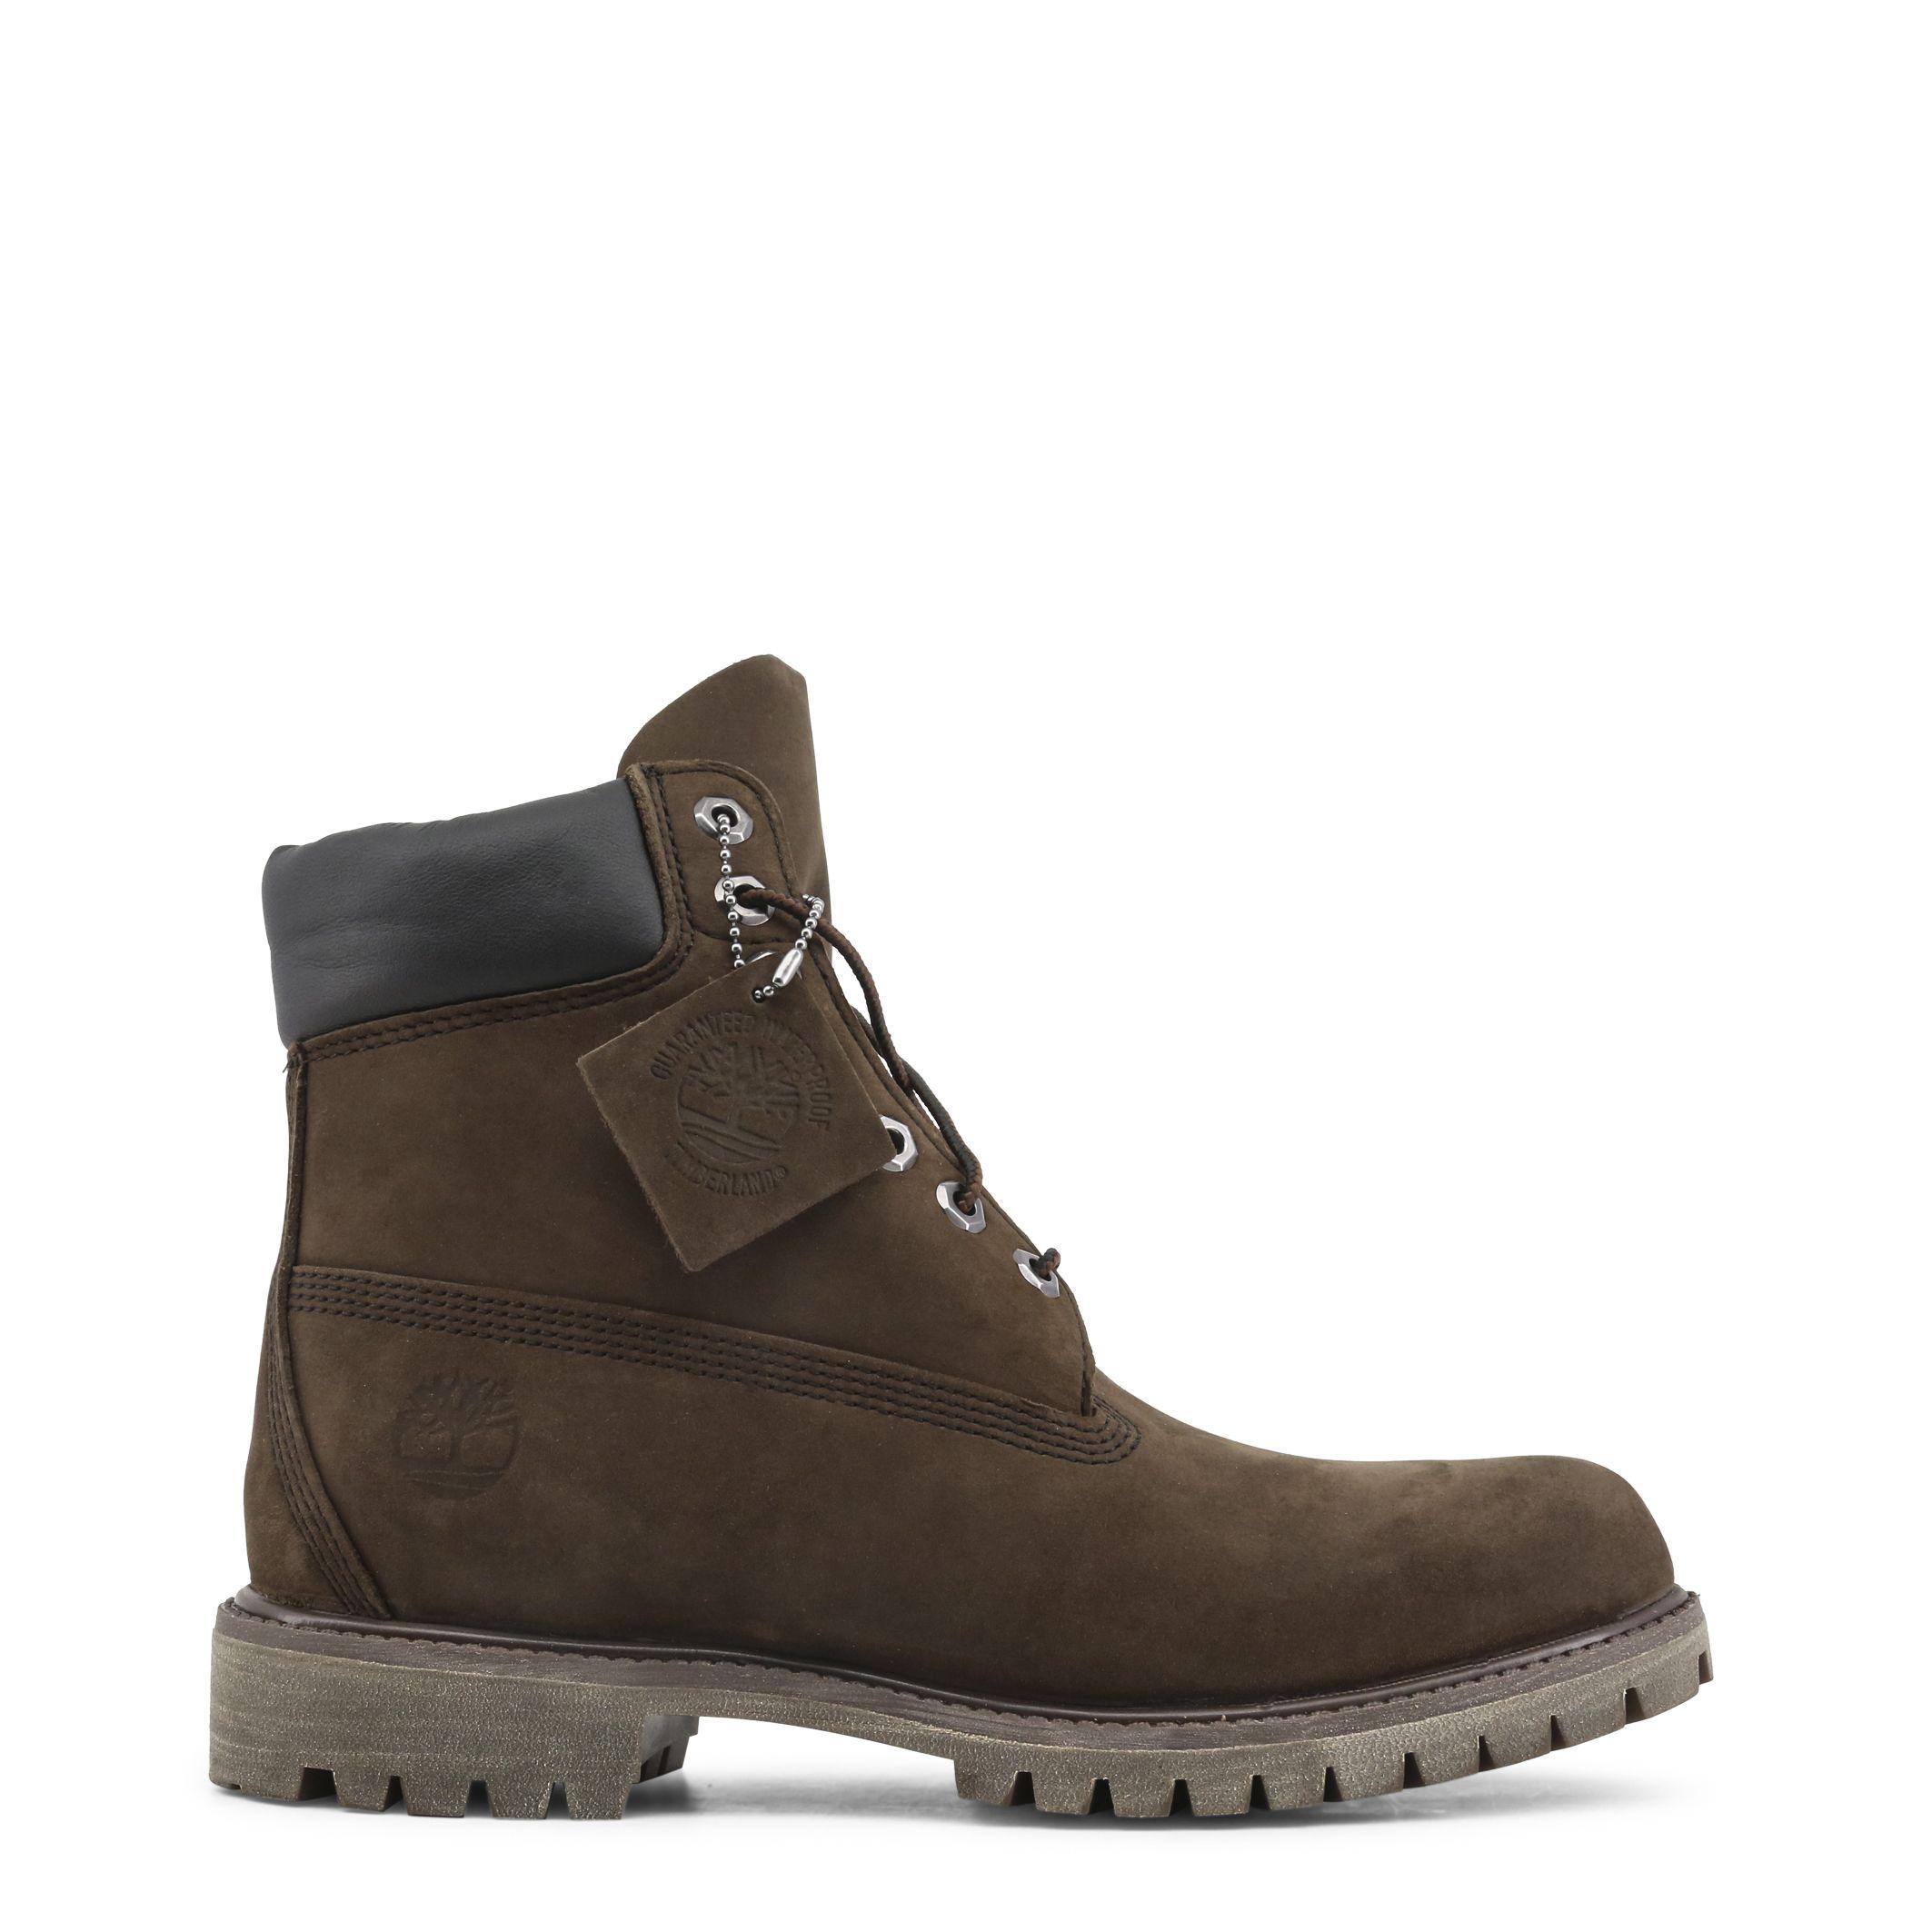 Gdzie Kupic Buty Na Jesien Oczywiscie W Naszym Sklepie Jedne Z Najlepszych Marek Carrera Jeans Dockst Boots Brown Ankle Boots Timberland Boots Outfit Mens